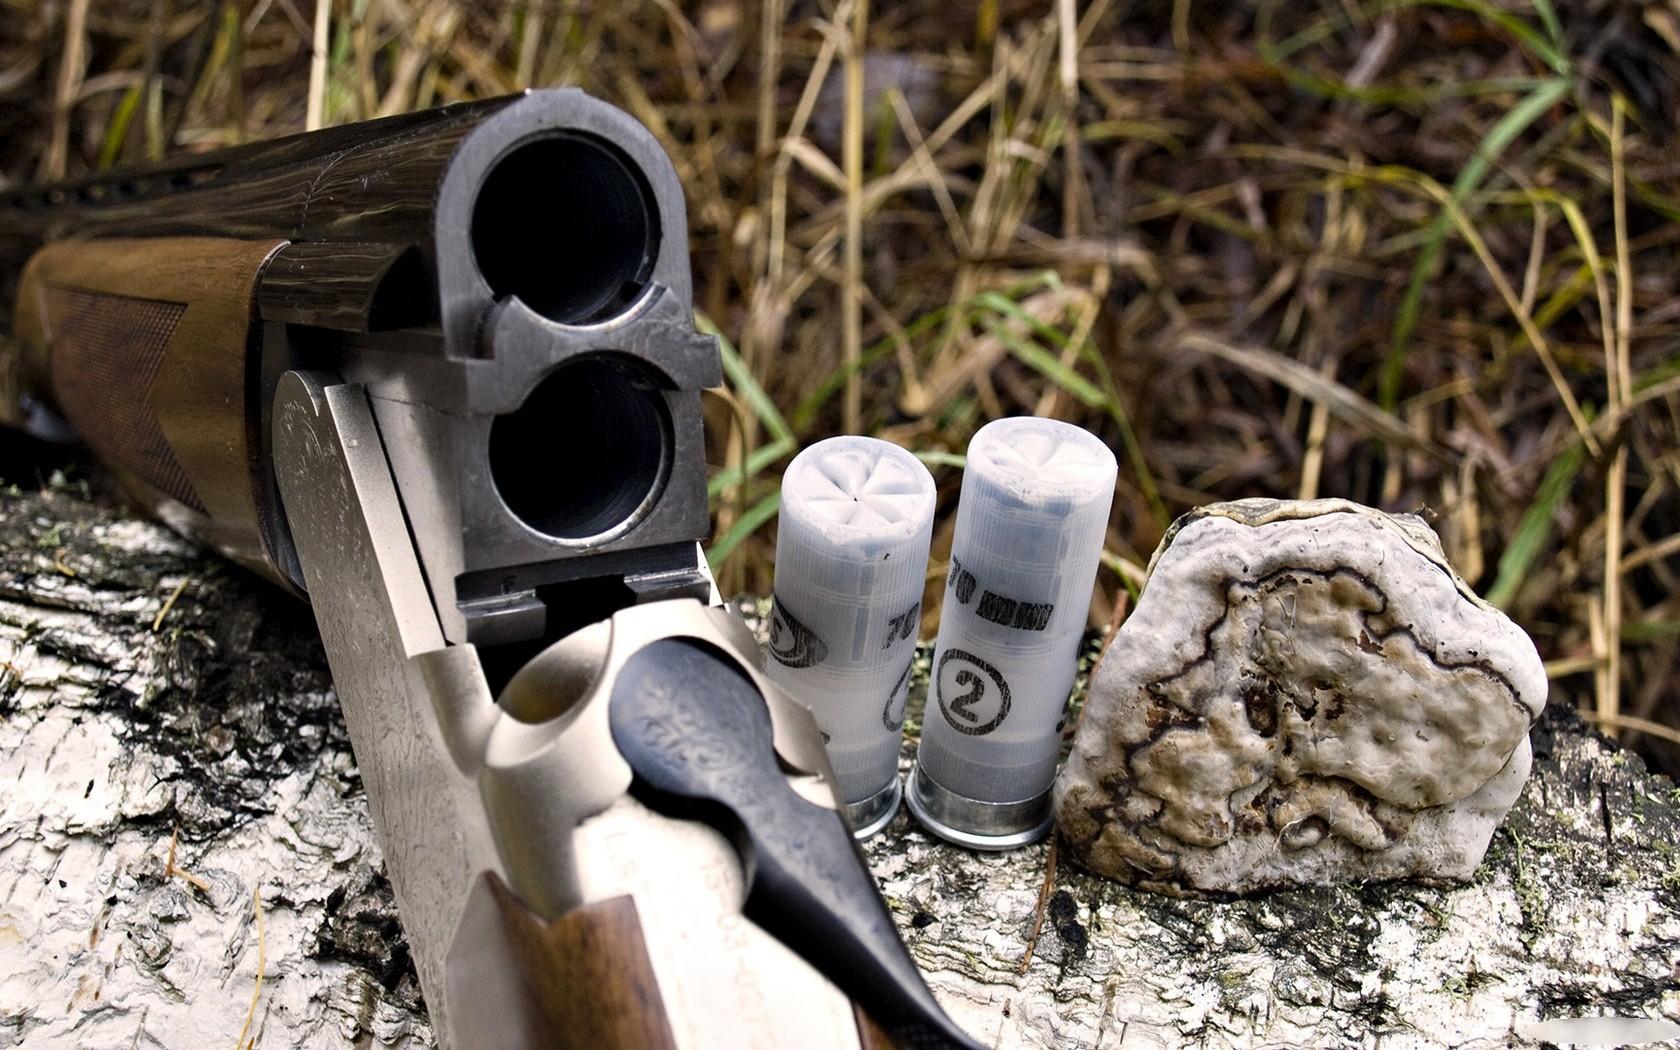 Escopeta y cartuchos - 1680x1050